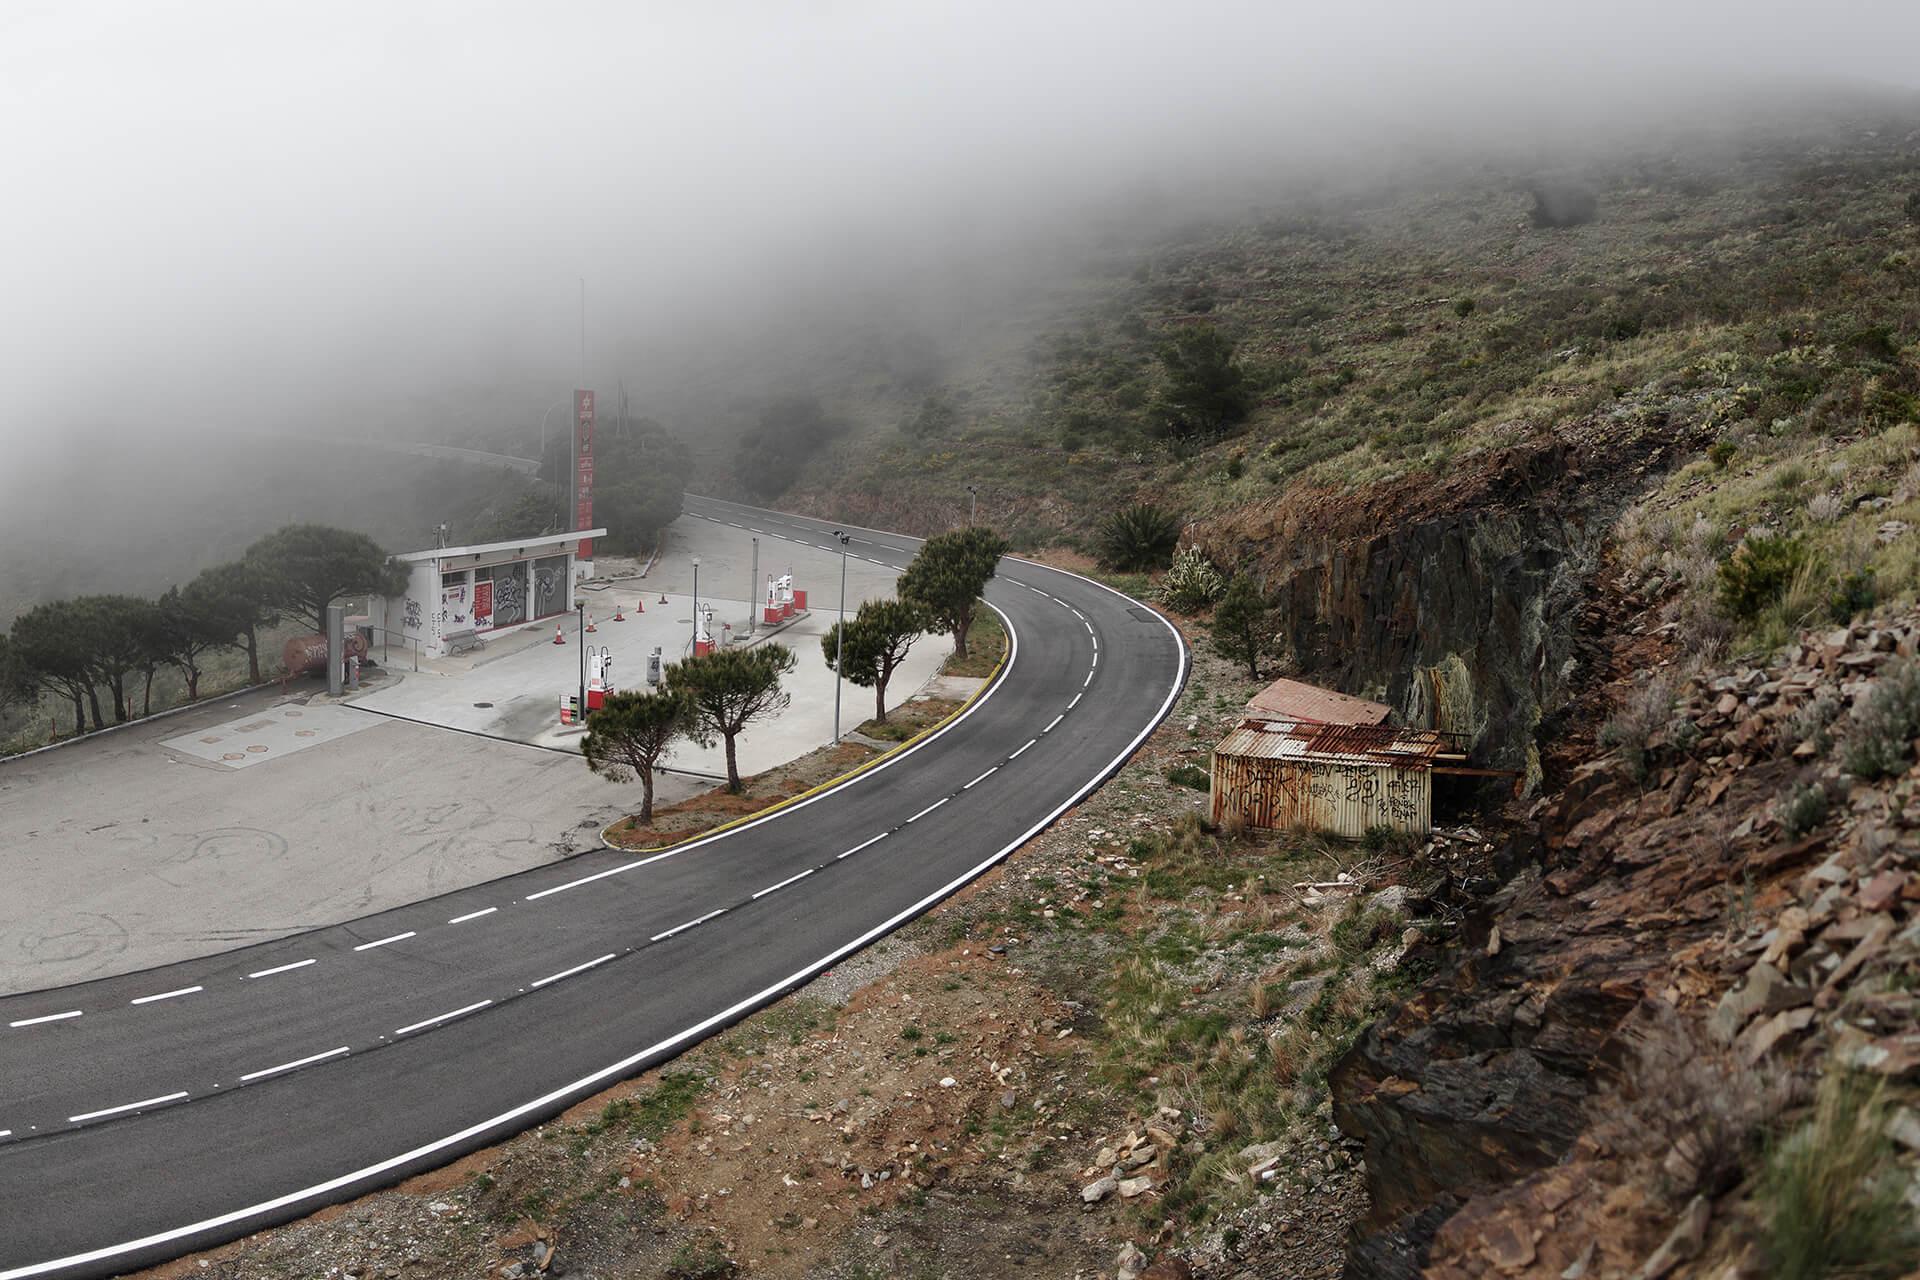 À Portbou, la première station essence, à la frontière Franco-Espagnole en venant de France.